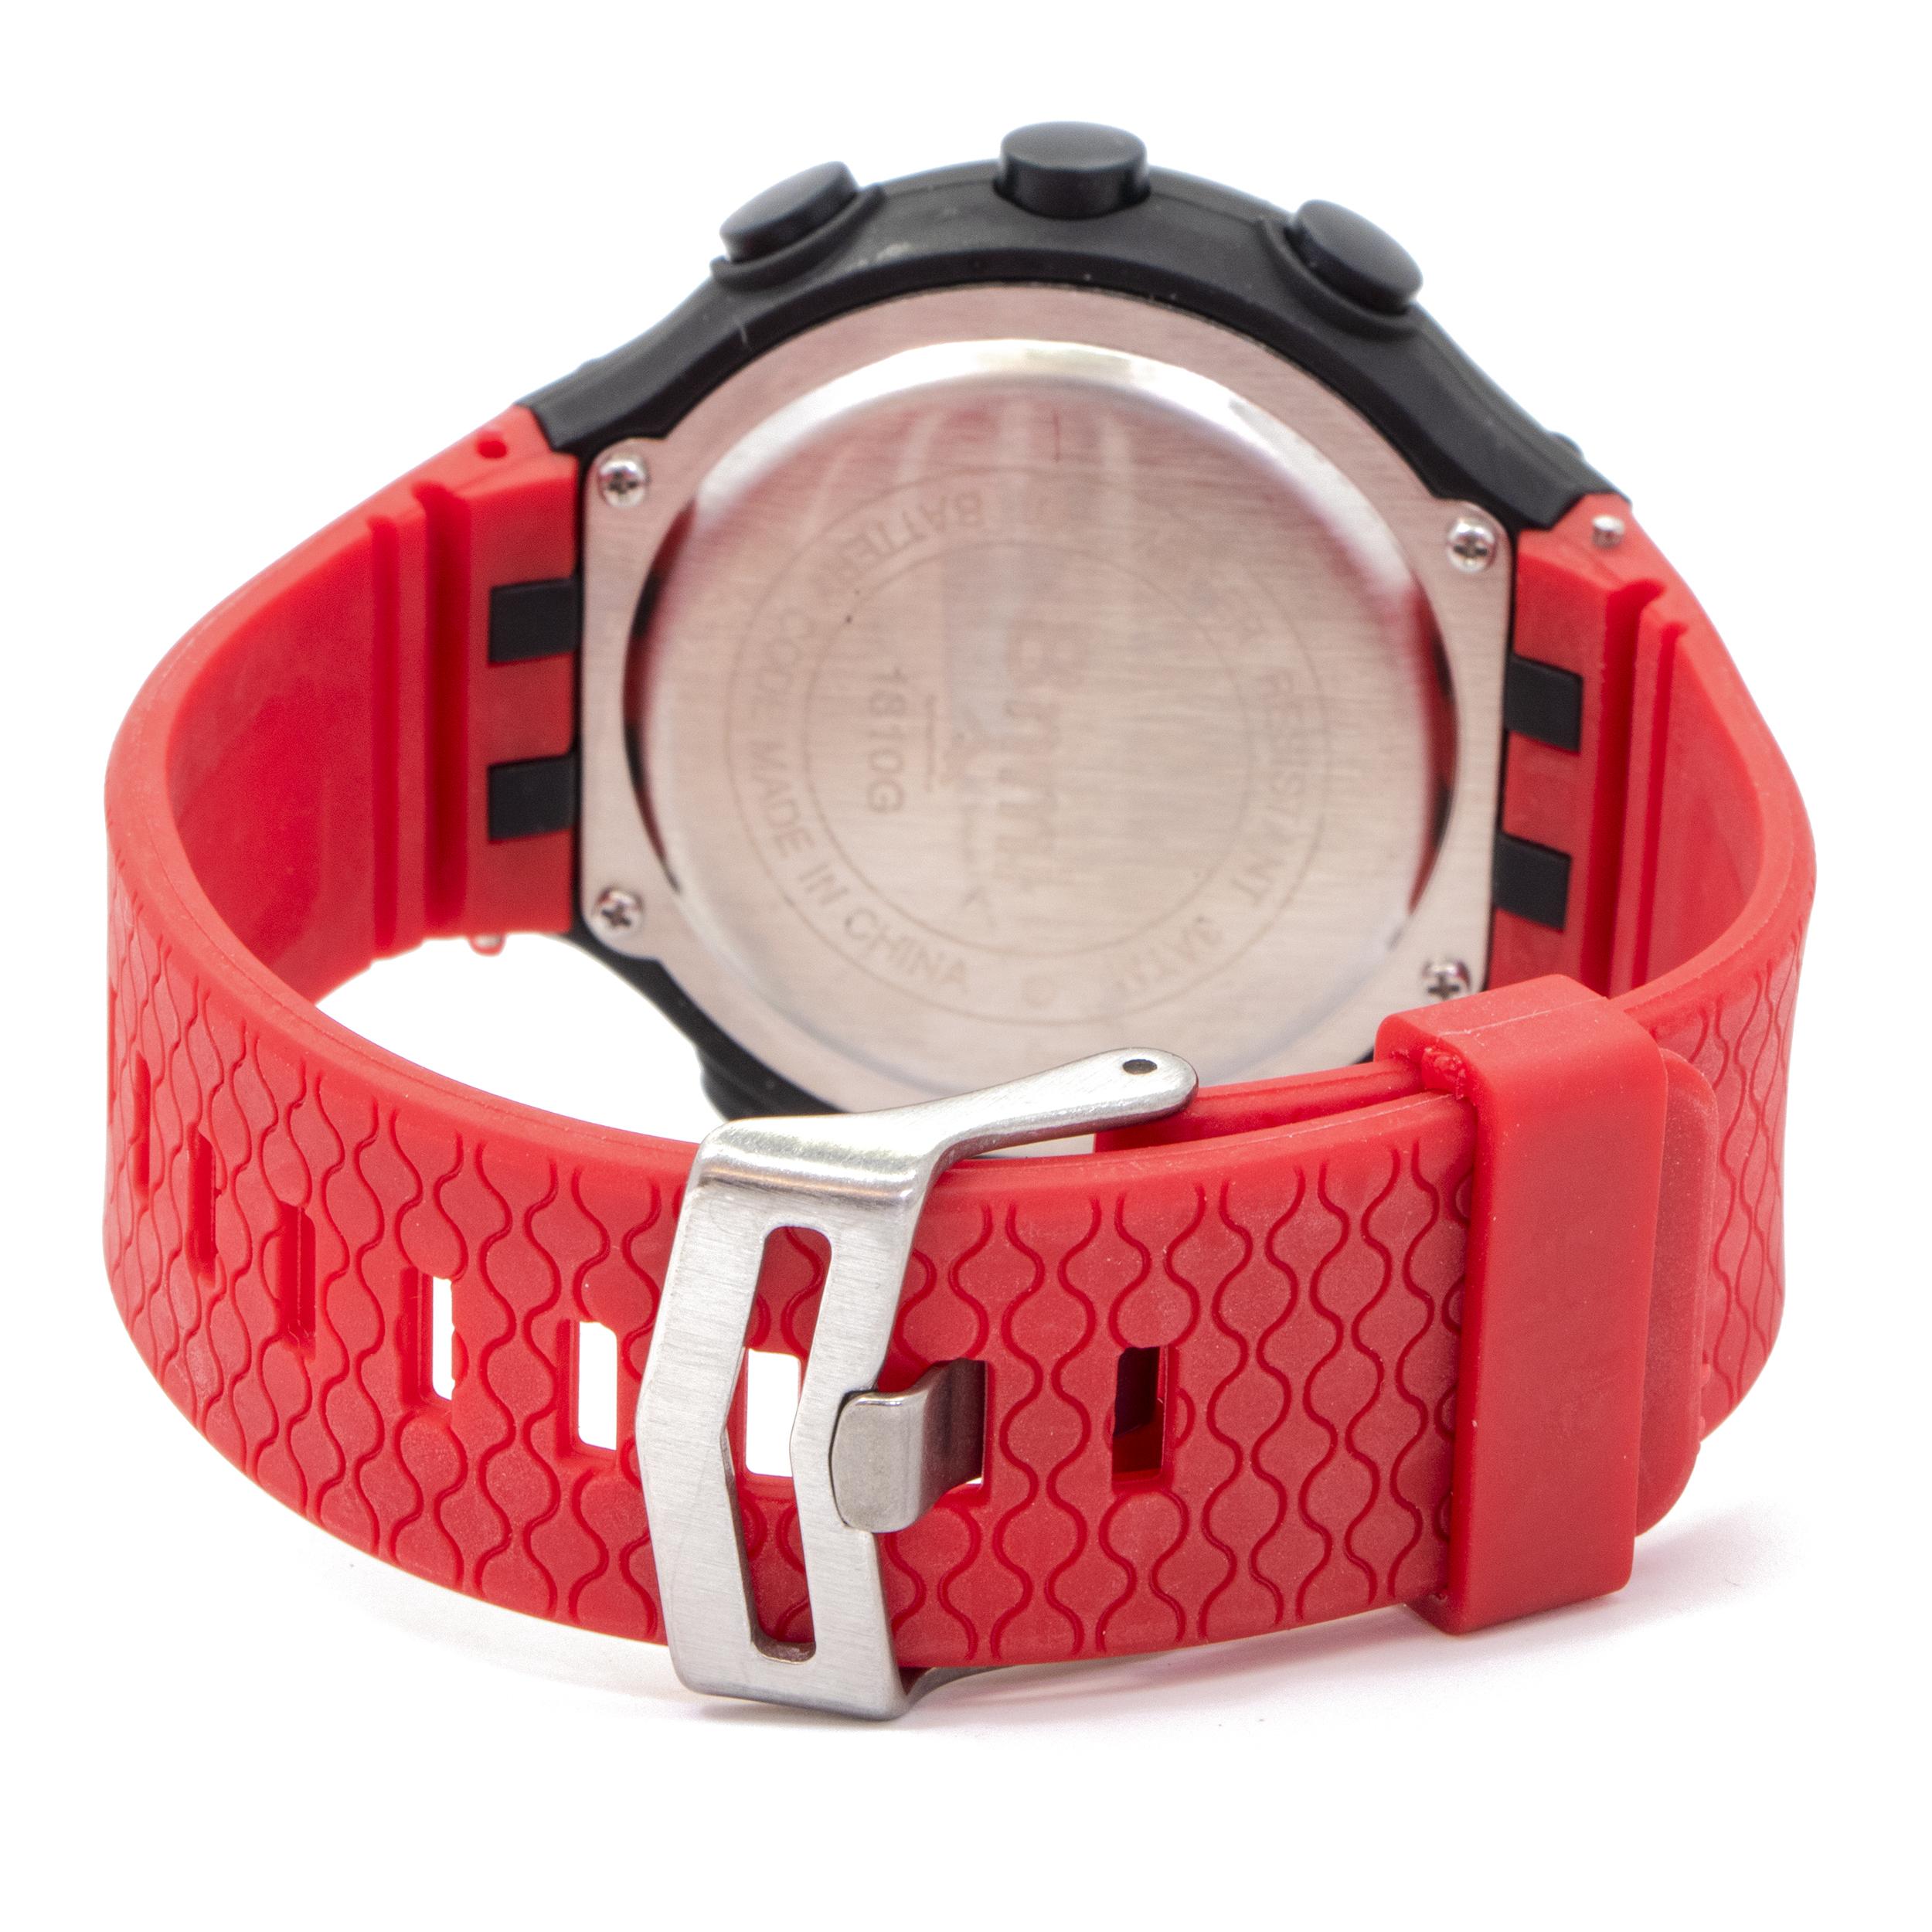 ساعت مچی دیجیتال بنمی مدل 0044020             قیمت